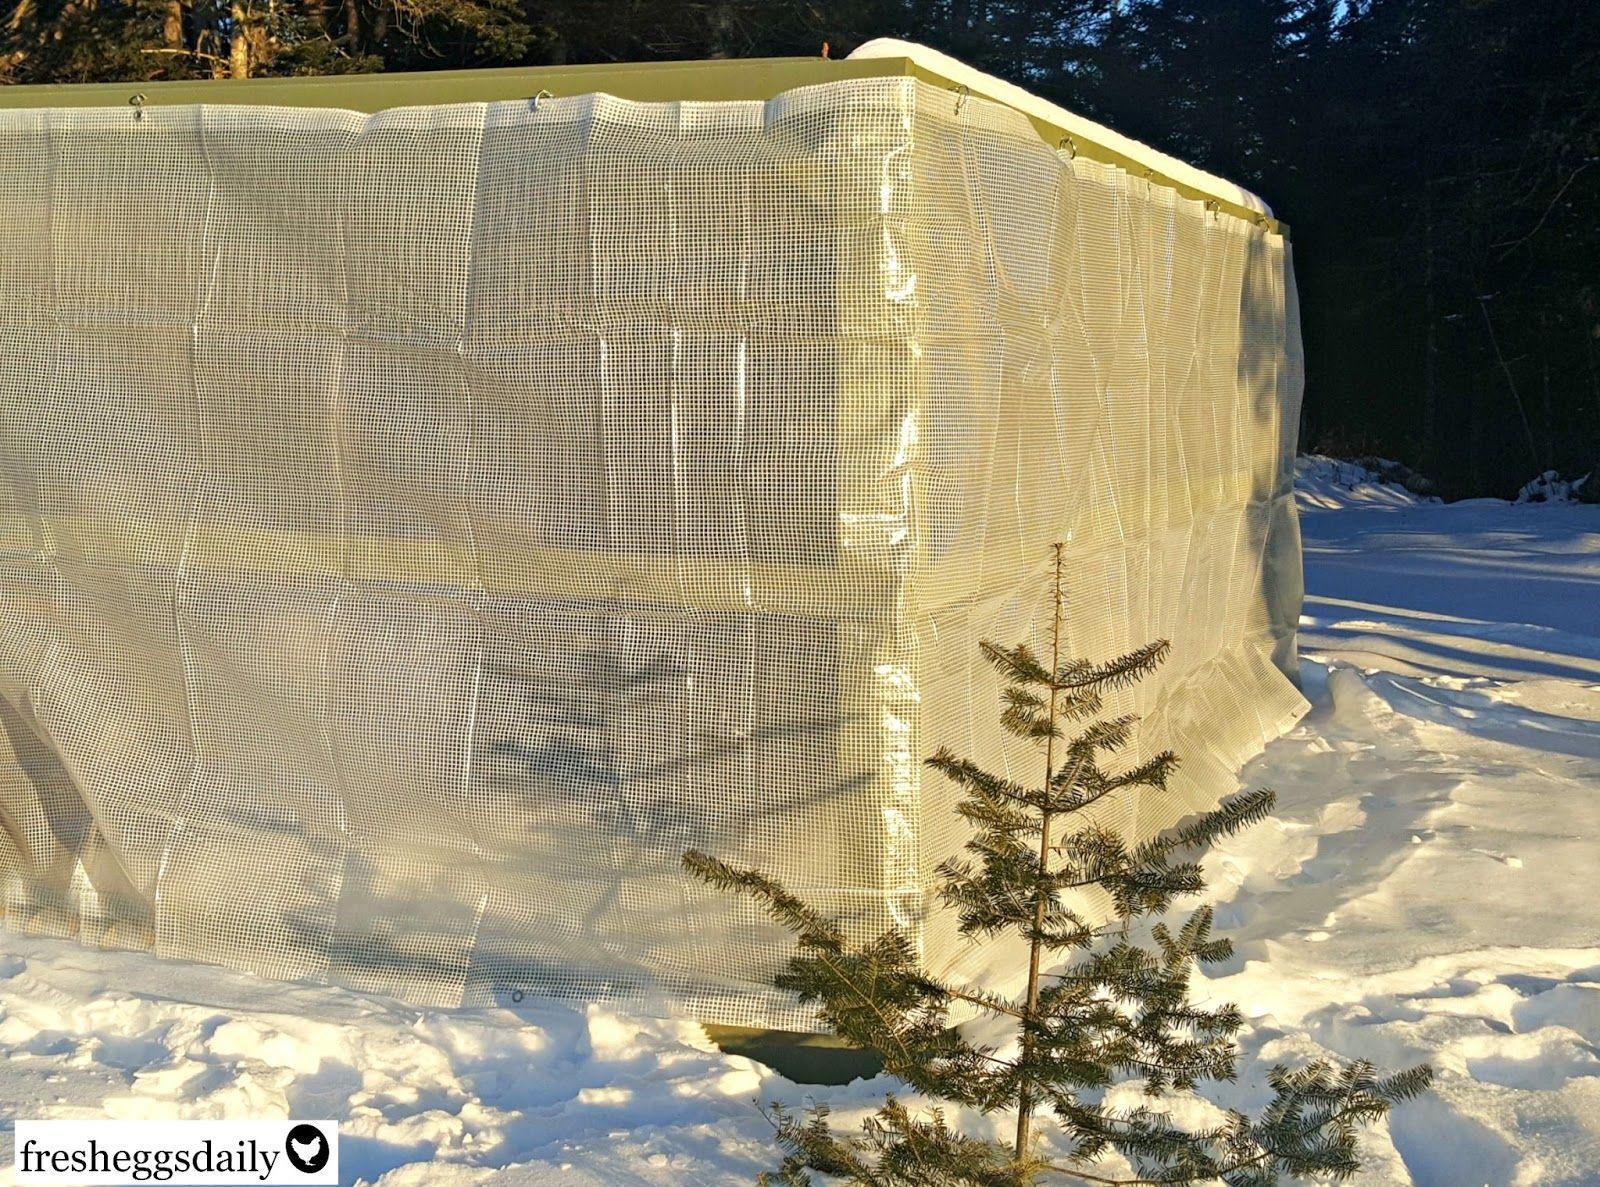 Как утеплить веранду для зимнего проживания: пол, потолок, стены. примеры утепления изнутри и снаружи (инструкция + фото)